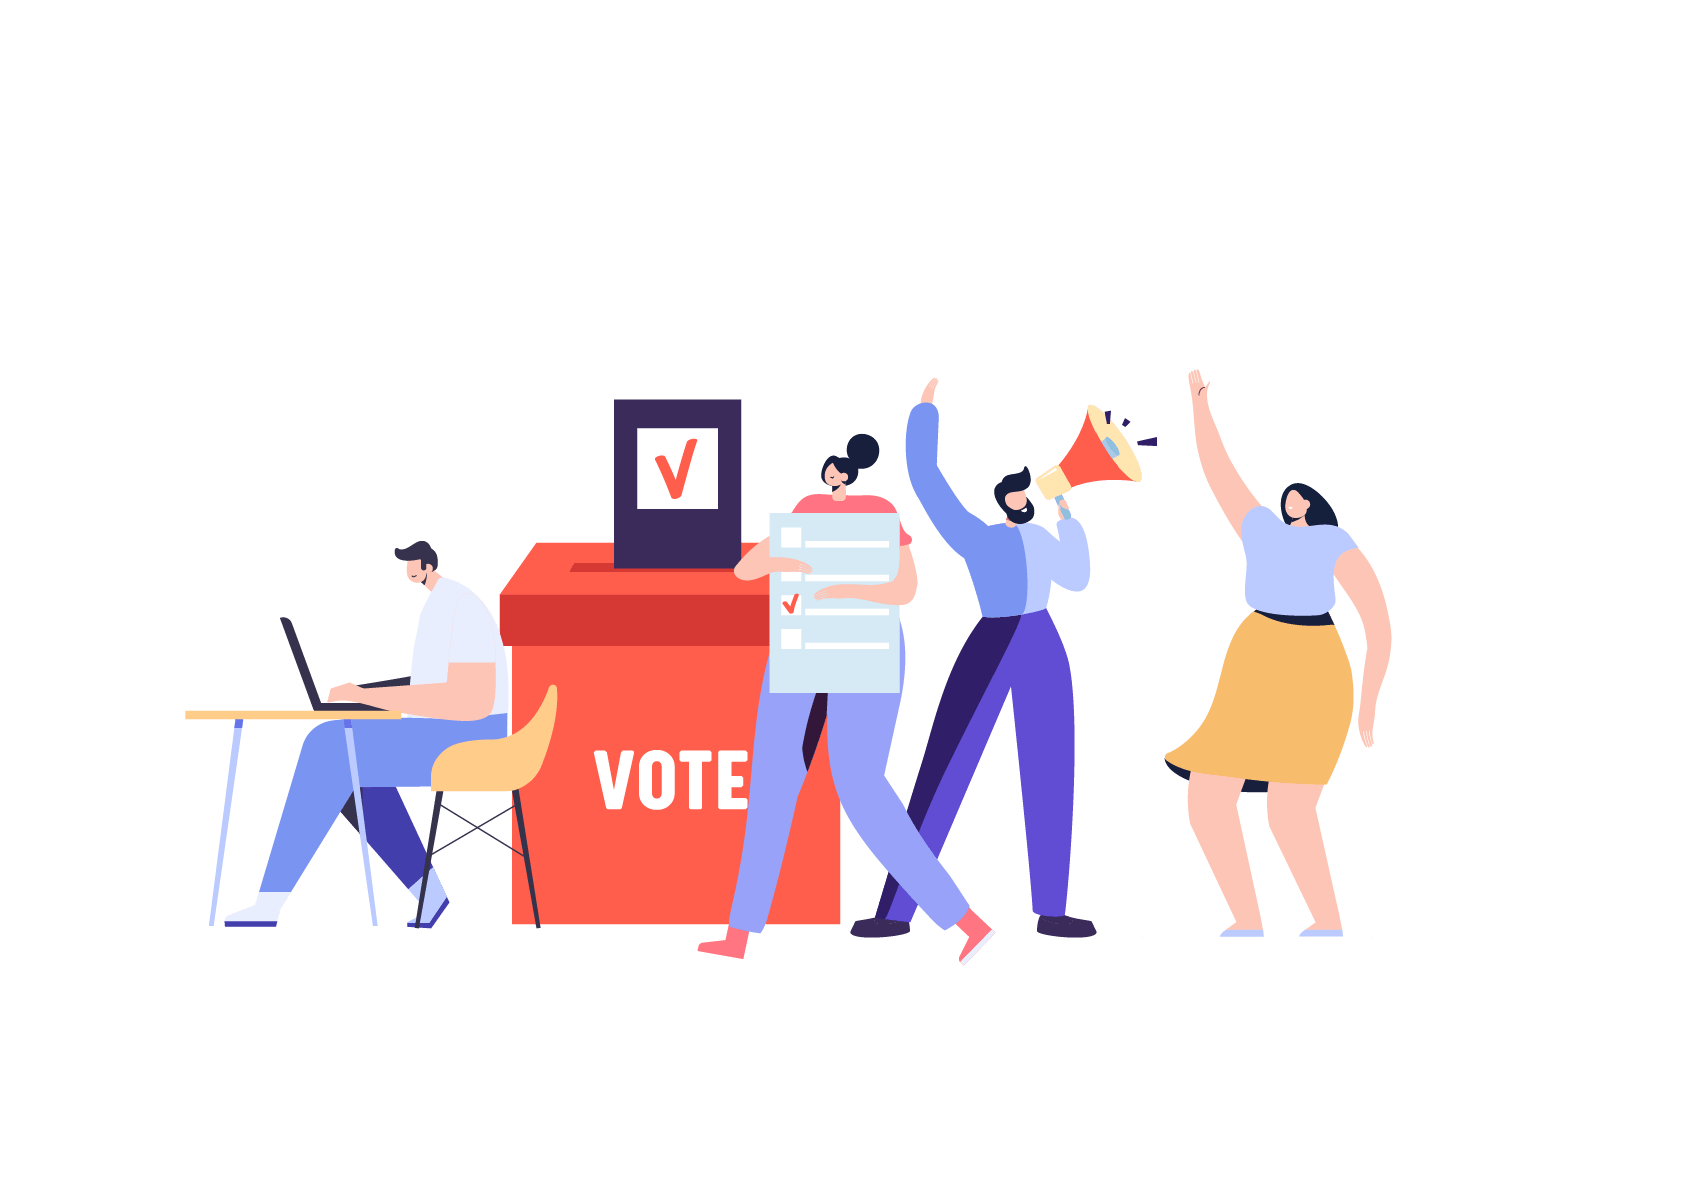 Dessin de personnages qui votent